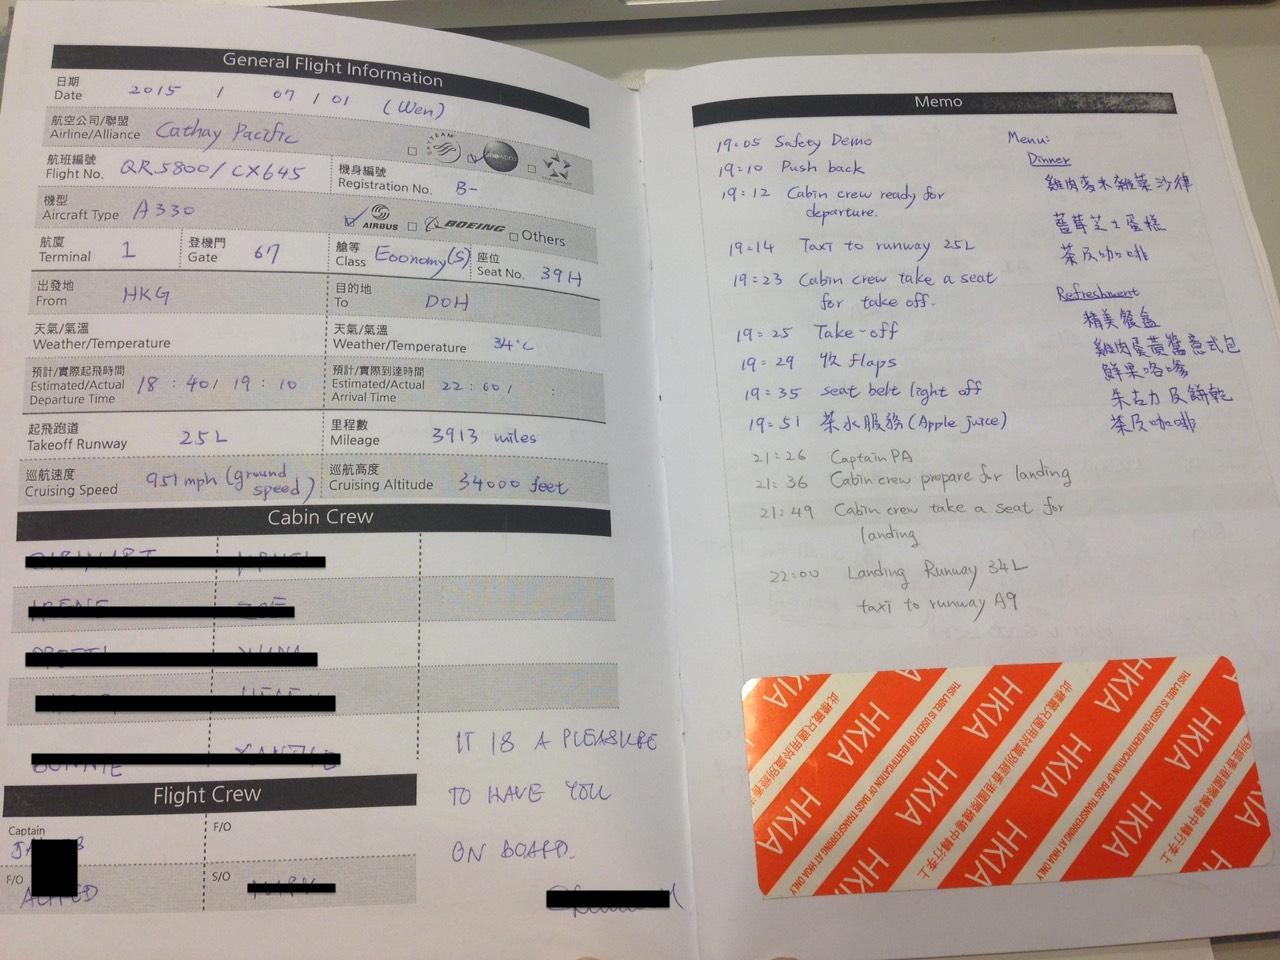 41: [飛行經驗] 20150701 國泰航空CX645(QR5800) 香港-卡達 飛行紀錄分享